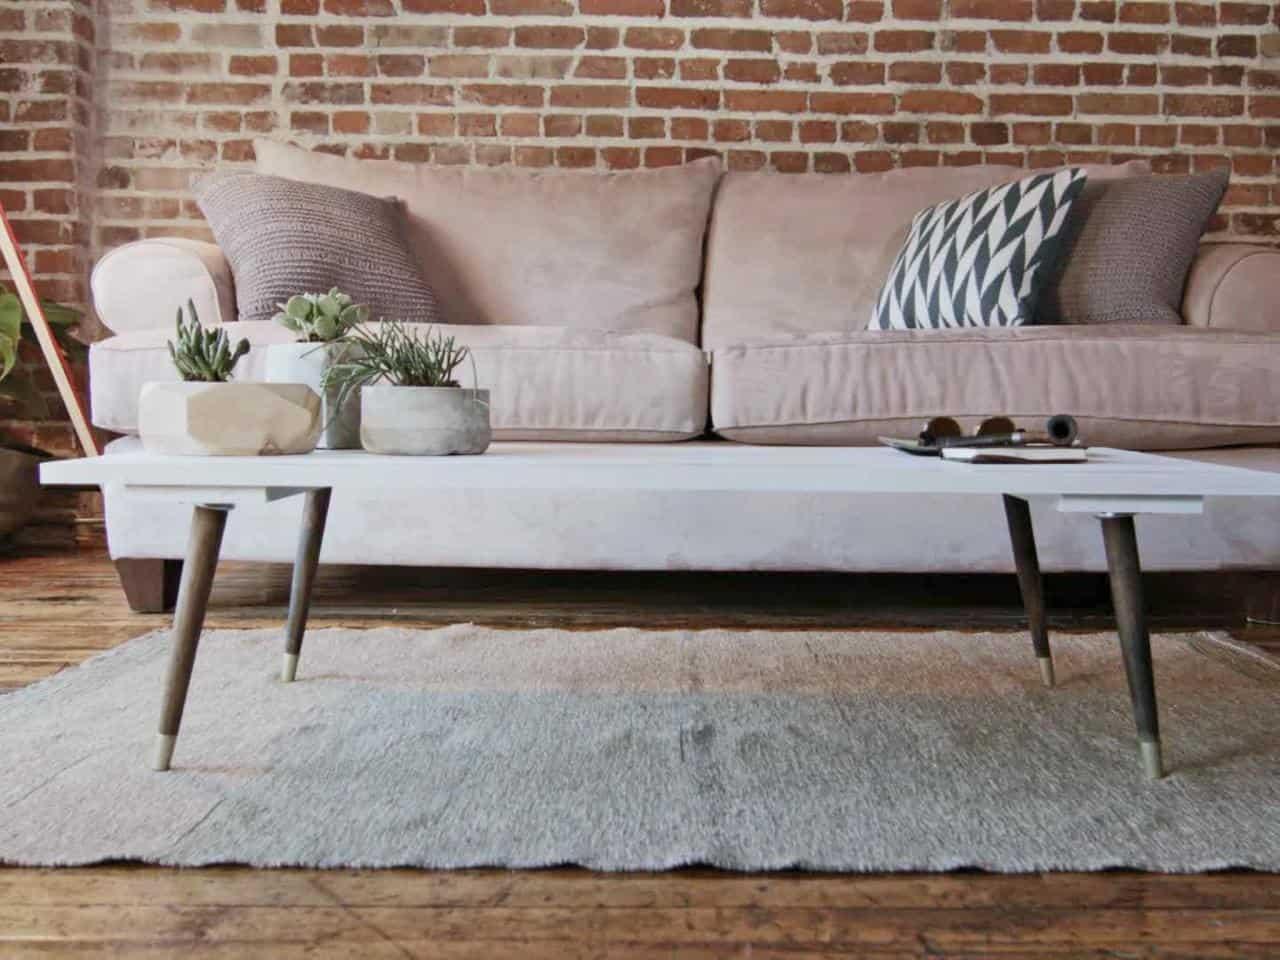 Table basse moderne de style milieu du siècle